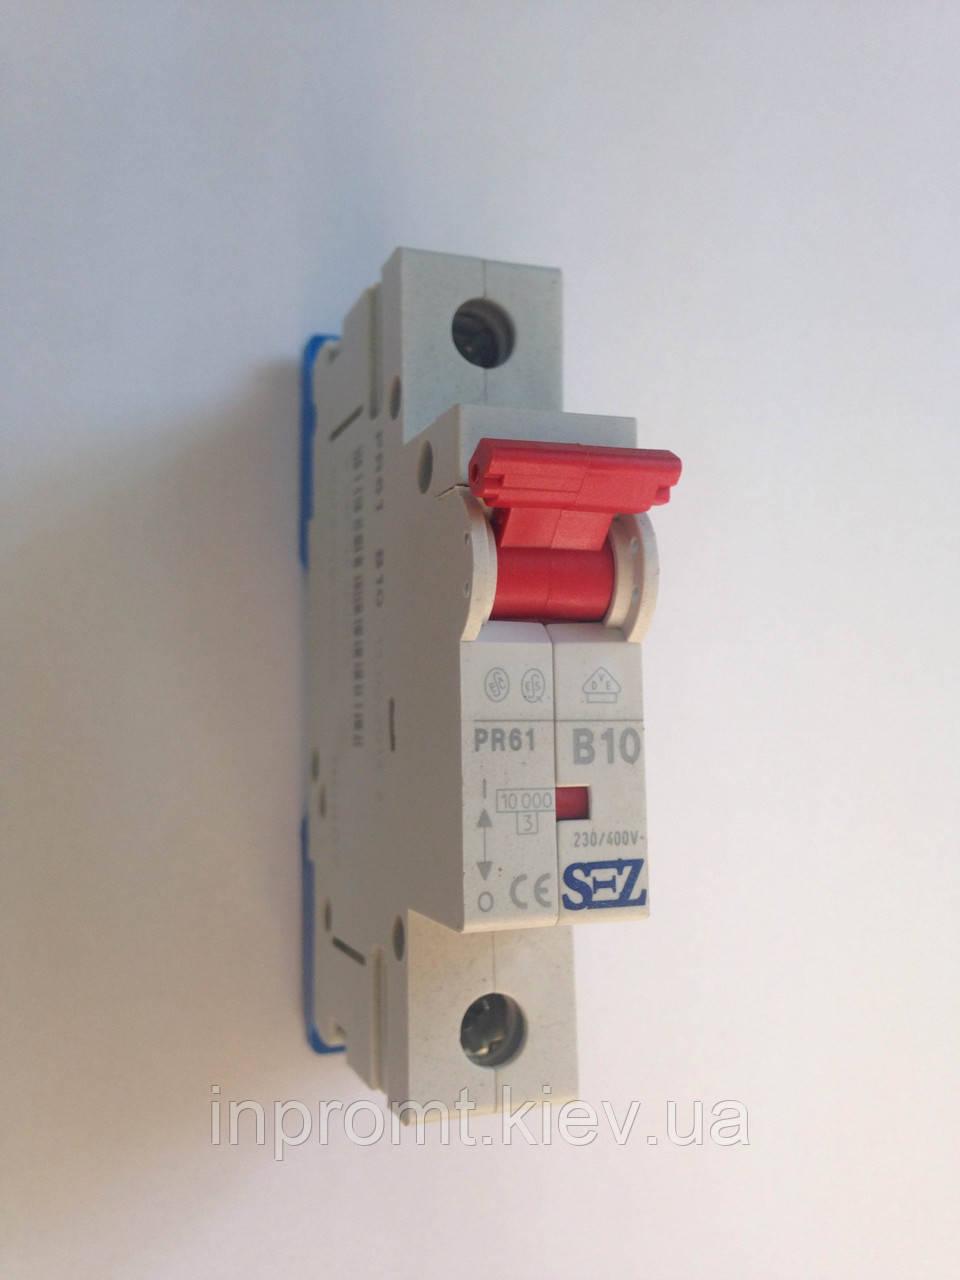 Автоматический выключатель PR61В10